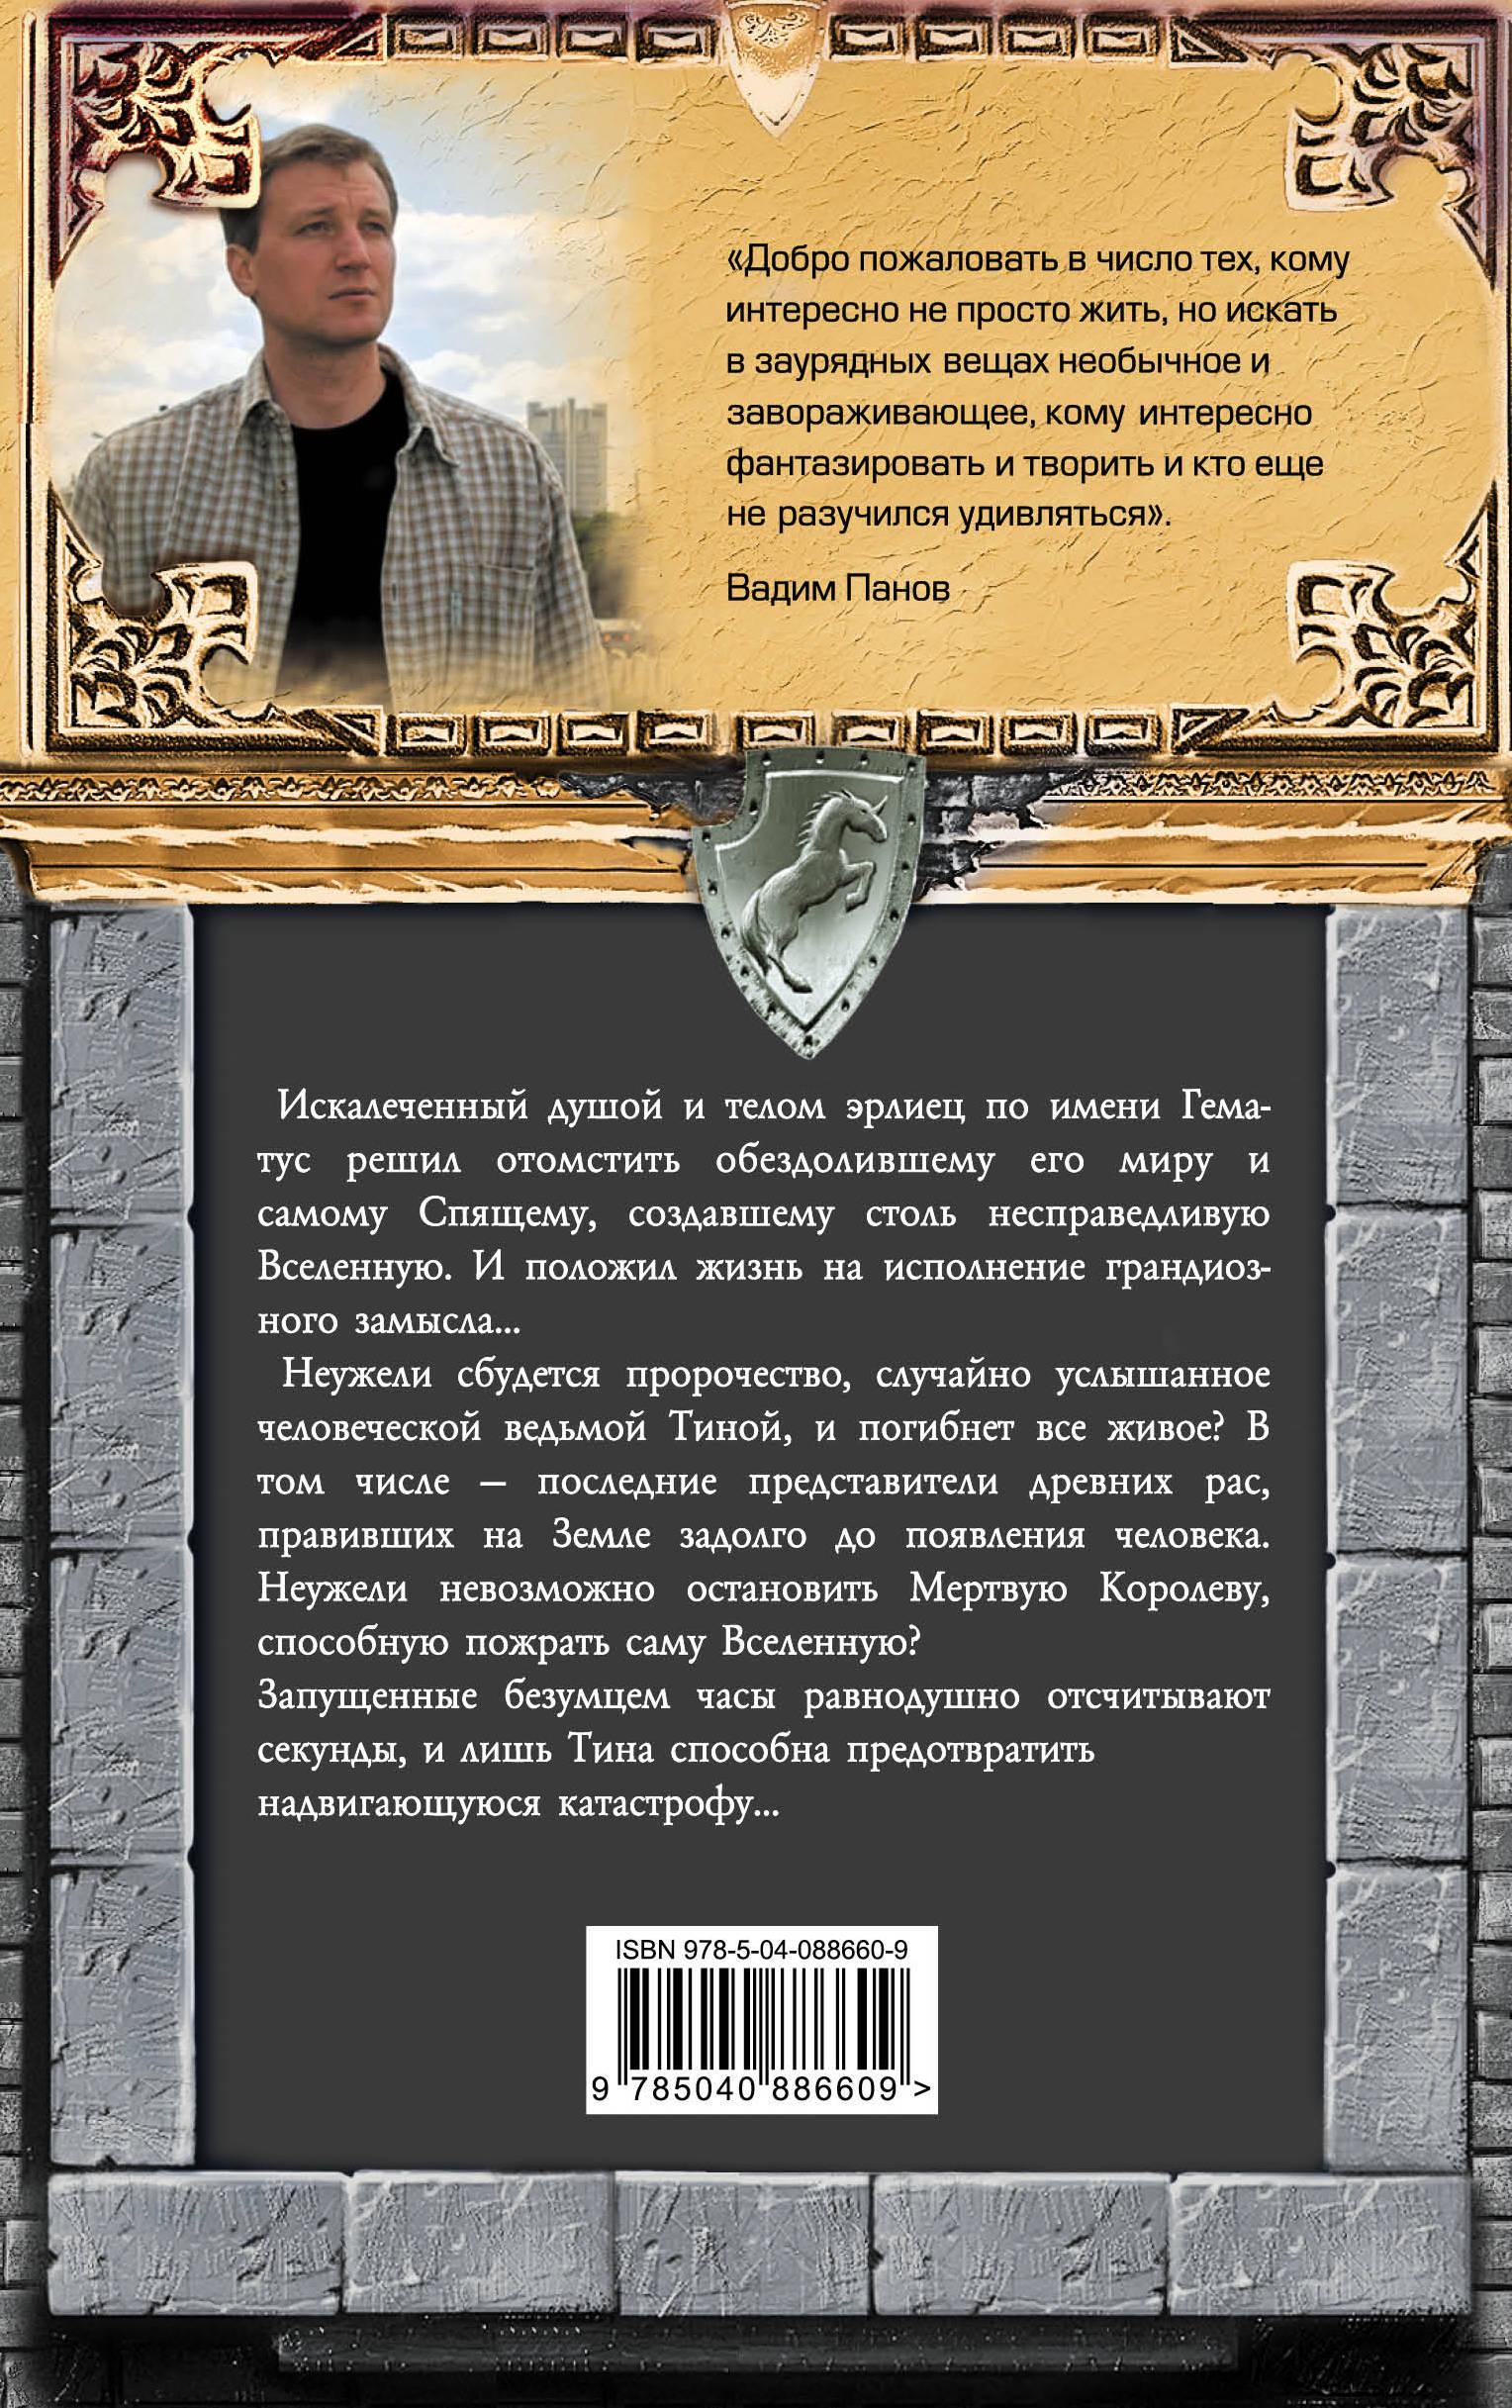 Баллада о Мертвой Королеве. Вадим Панов, Людмила Макарова